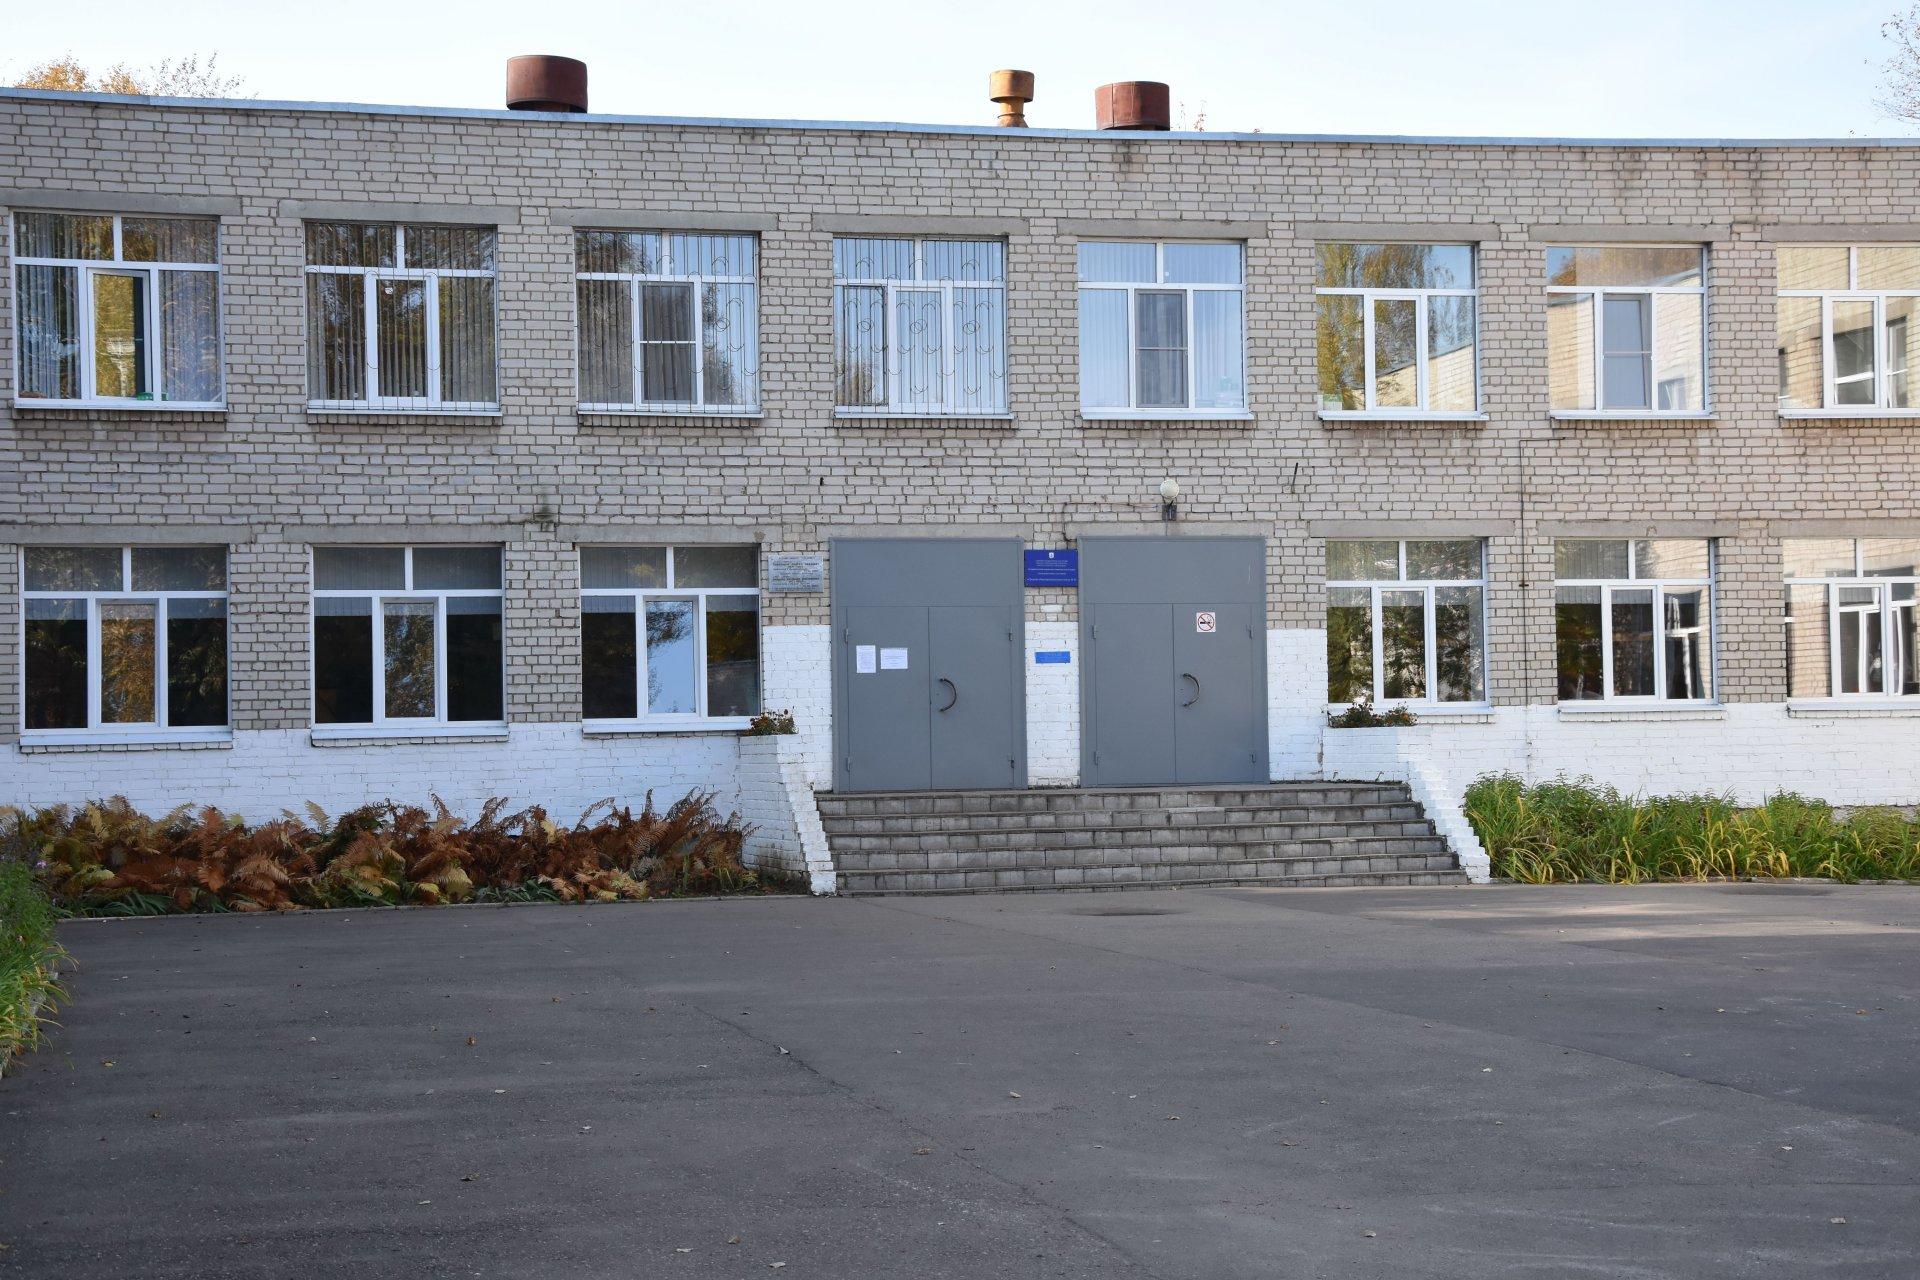 Костромские школы и детские сады сэкономят на отоплении миллионы